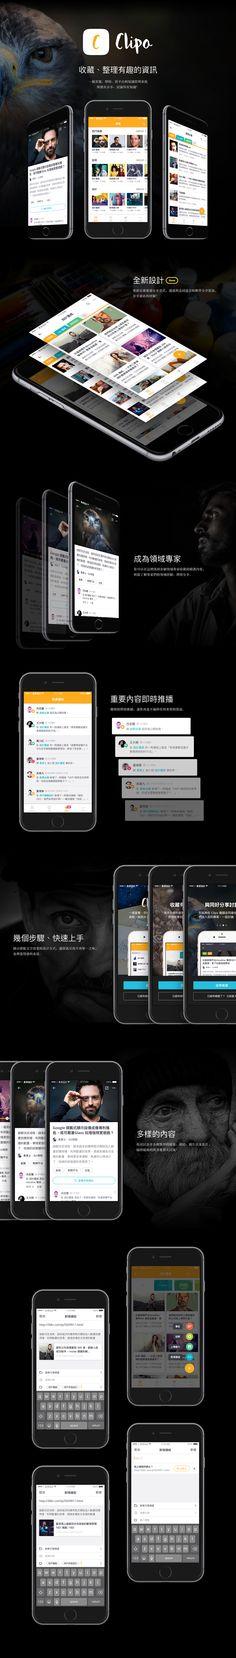 uber verify mobile singapore